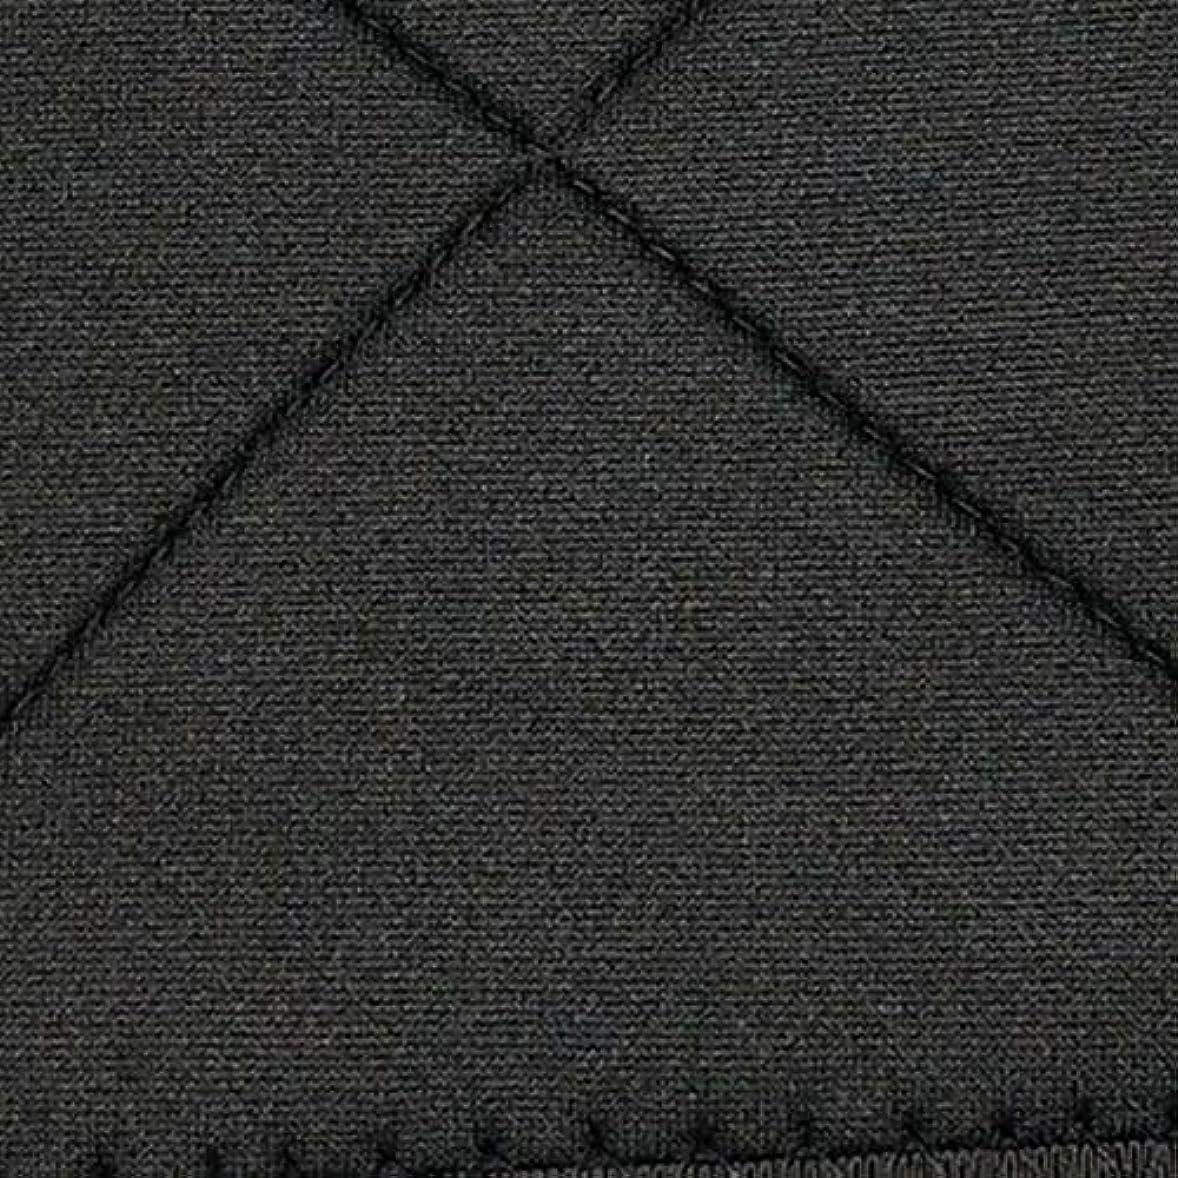 輝度購入発送ネオプレン姿勢矯正ショルダーバックサポート姿勢弯症バンド整形バックコルセットブレース(黒)